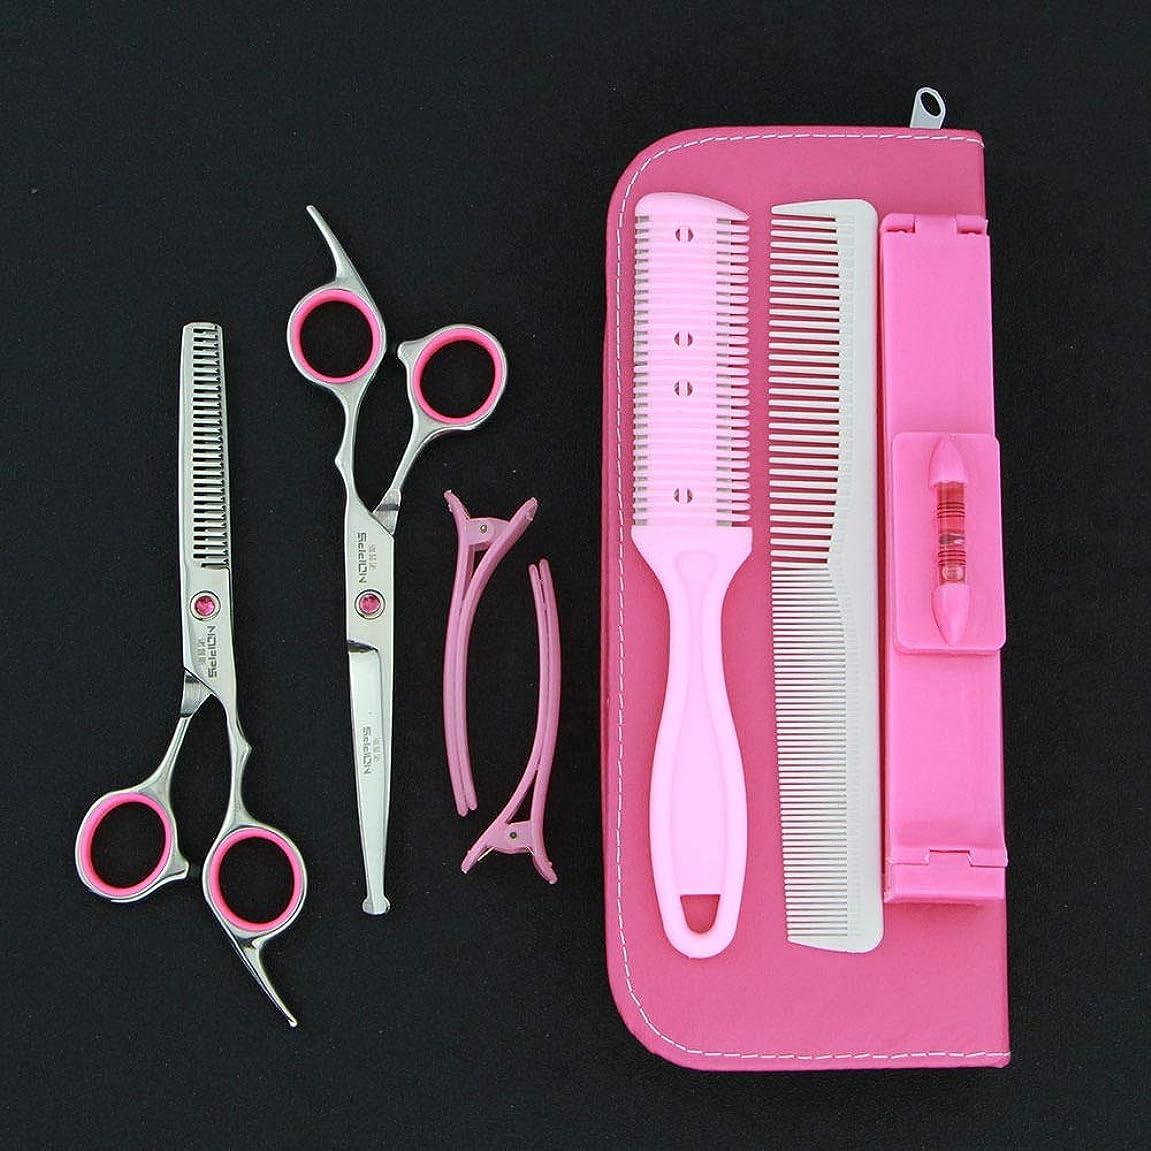 じゃがいもボア判読できないシザー カットシザー 8個理髪はさみキットヘアカットはさみセット、間伐はさみ、前髪アーティファクト、髪の櫛、革はさみケース ヘアカット シザー (Color : Pink)